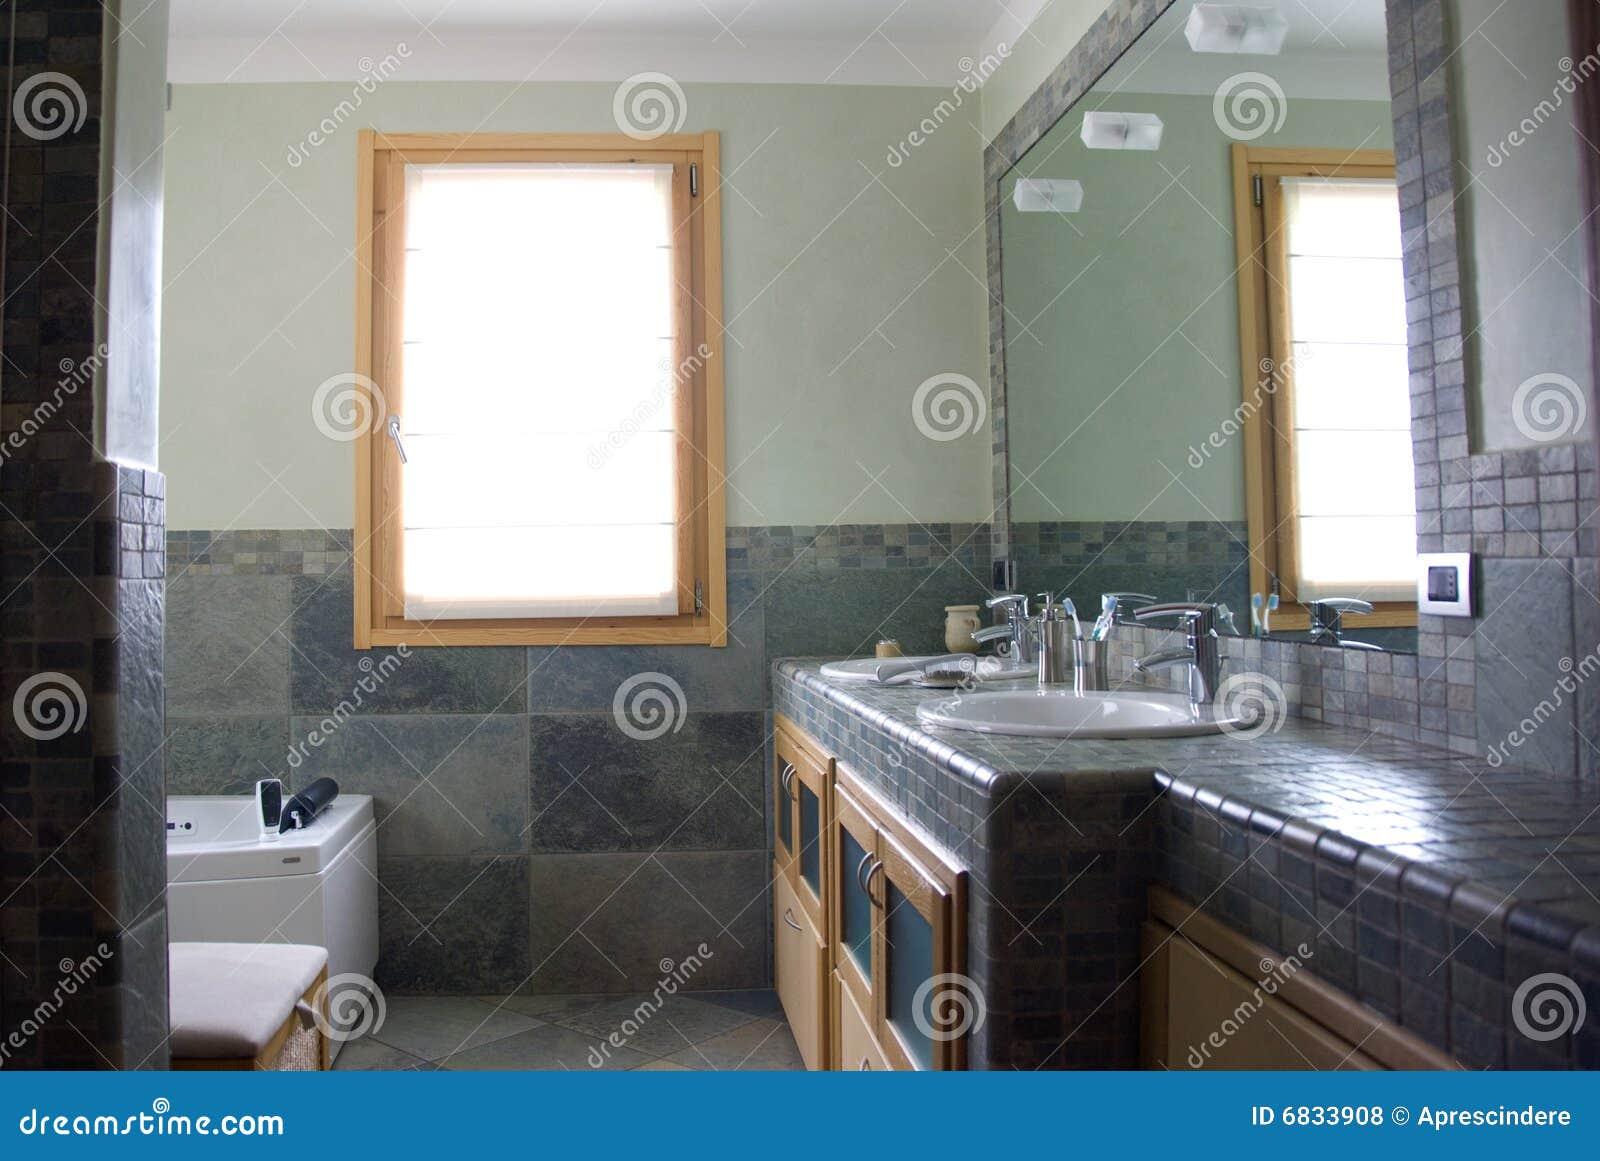 Moderne badkamers stock foto afbeelding bestaande uit bassin 6833908 for Moderne badkamers